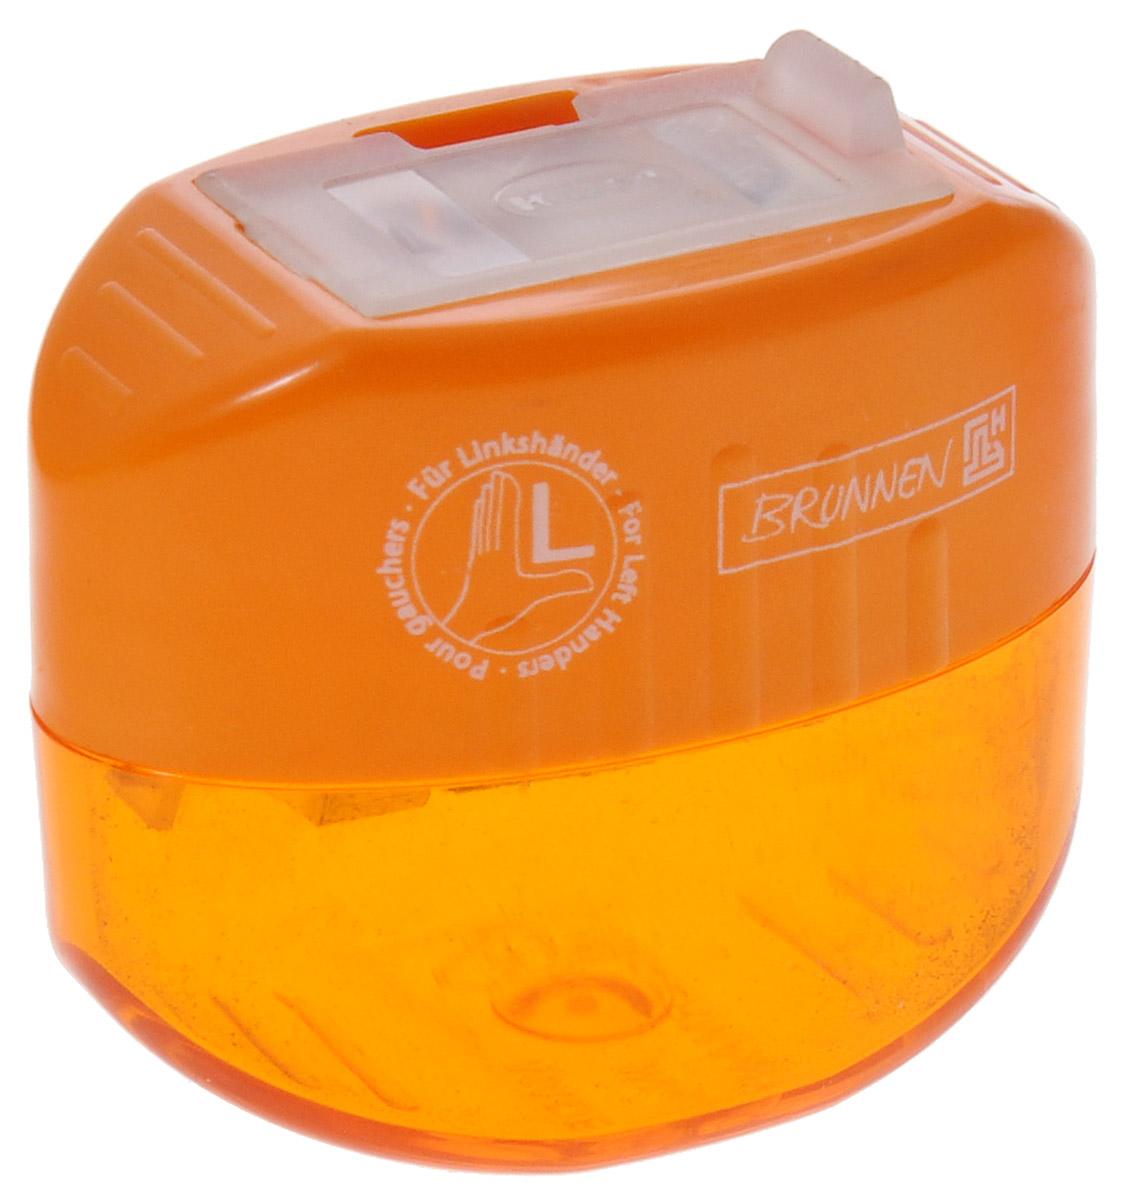 Brunnen Точилка двойная, для левшей, цвет: оранжевый29842\BCD_оранжевыйТочилка двойная для левшей Brunnen, выполнена из прочного пластика.В точилке имеются два отверстия для карандашей разного диаметра, подходит для различных видов карандашей. Отверстия закрываются удобной пластиковой крышкой.Полупрозрачный контейнер для сбора стружки позволяет визуально контролировать уровень заполнения и вовремя производить очистку.